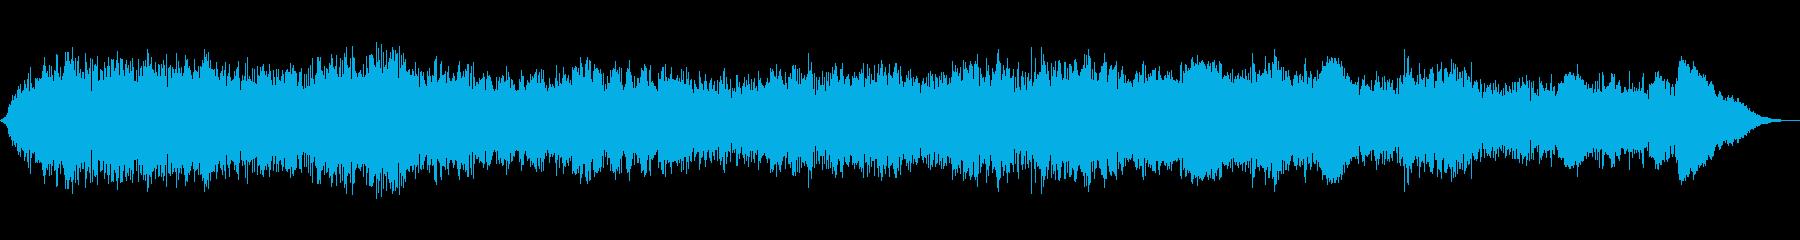 エリー・アンダーウォーター・ランブルの再生済みの波形